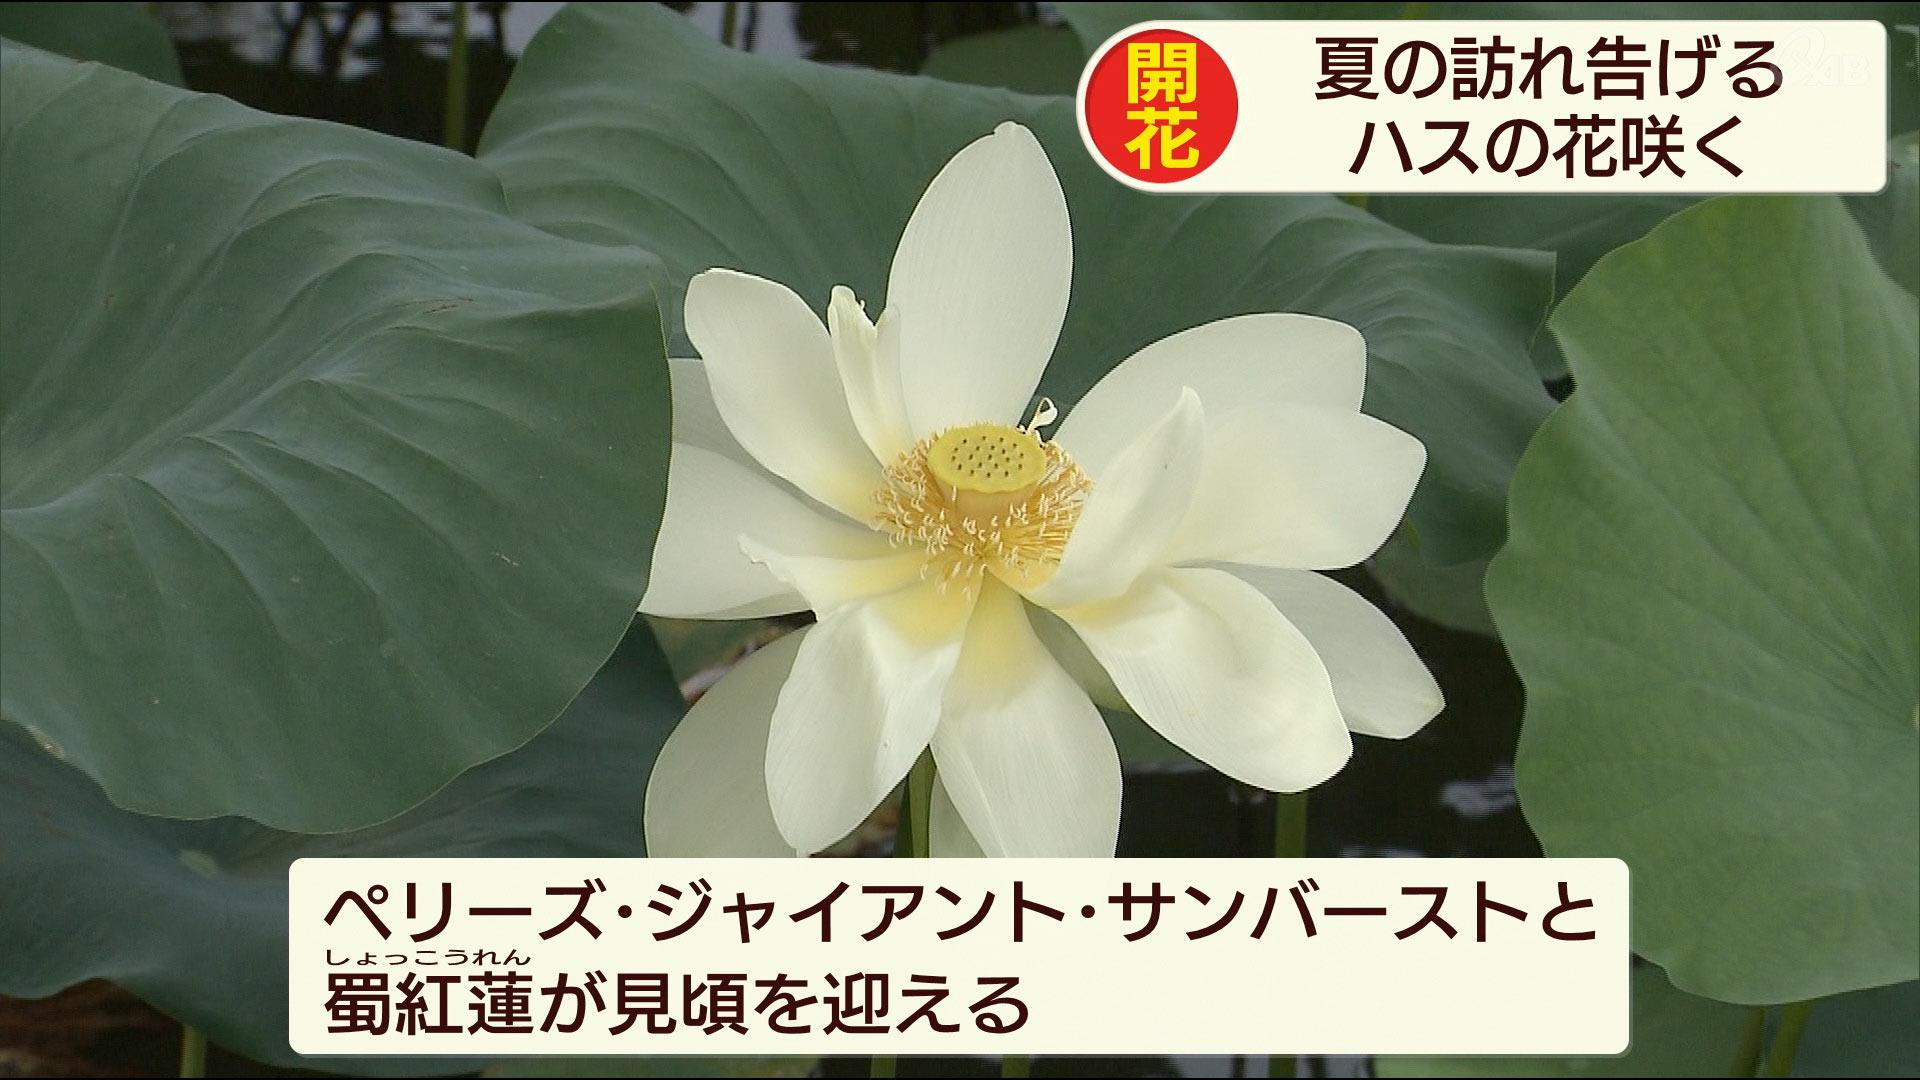 東南植物楽園で蓮・睡蓮が見頃を迎える